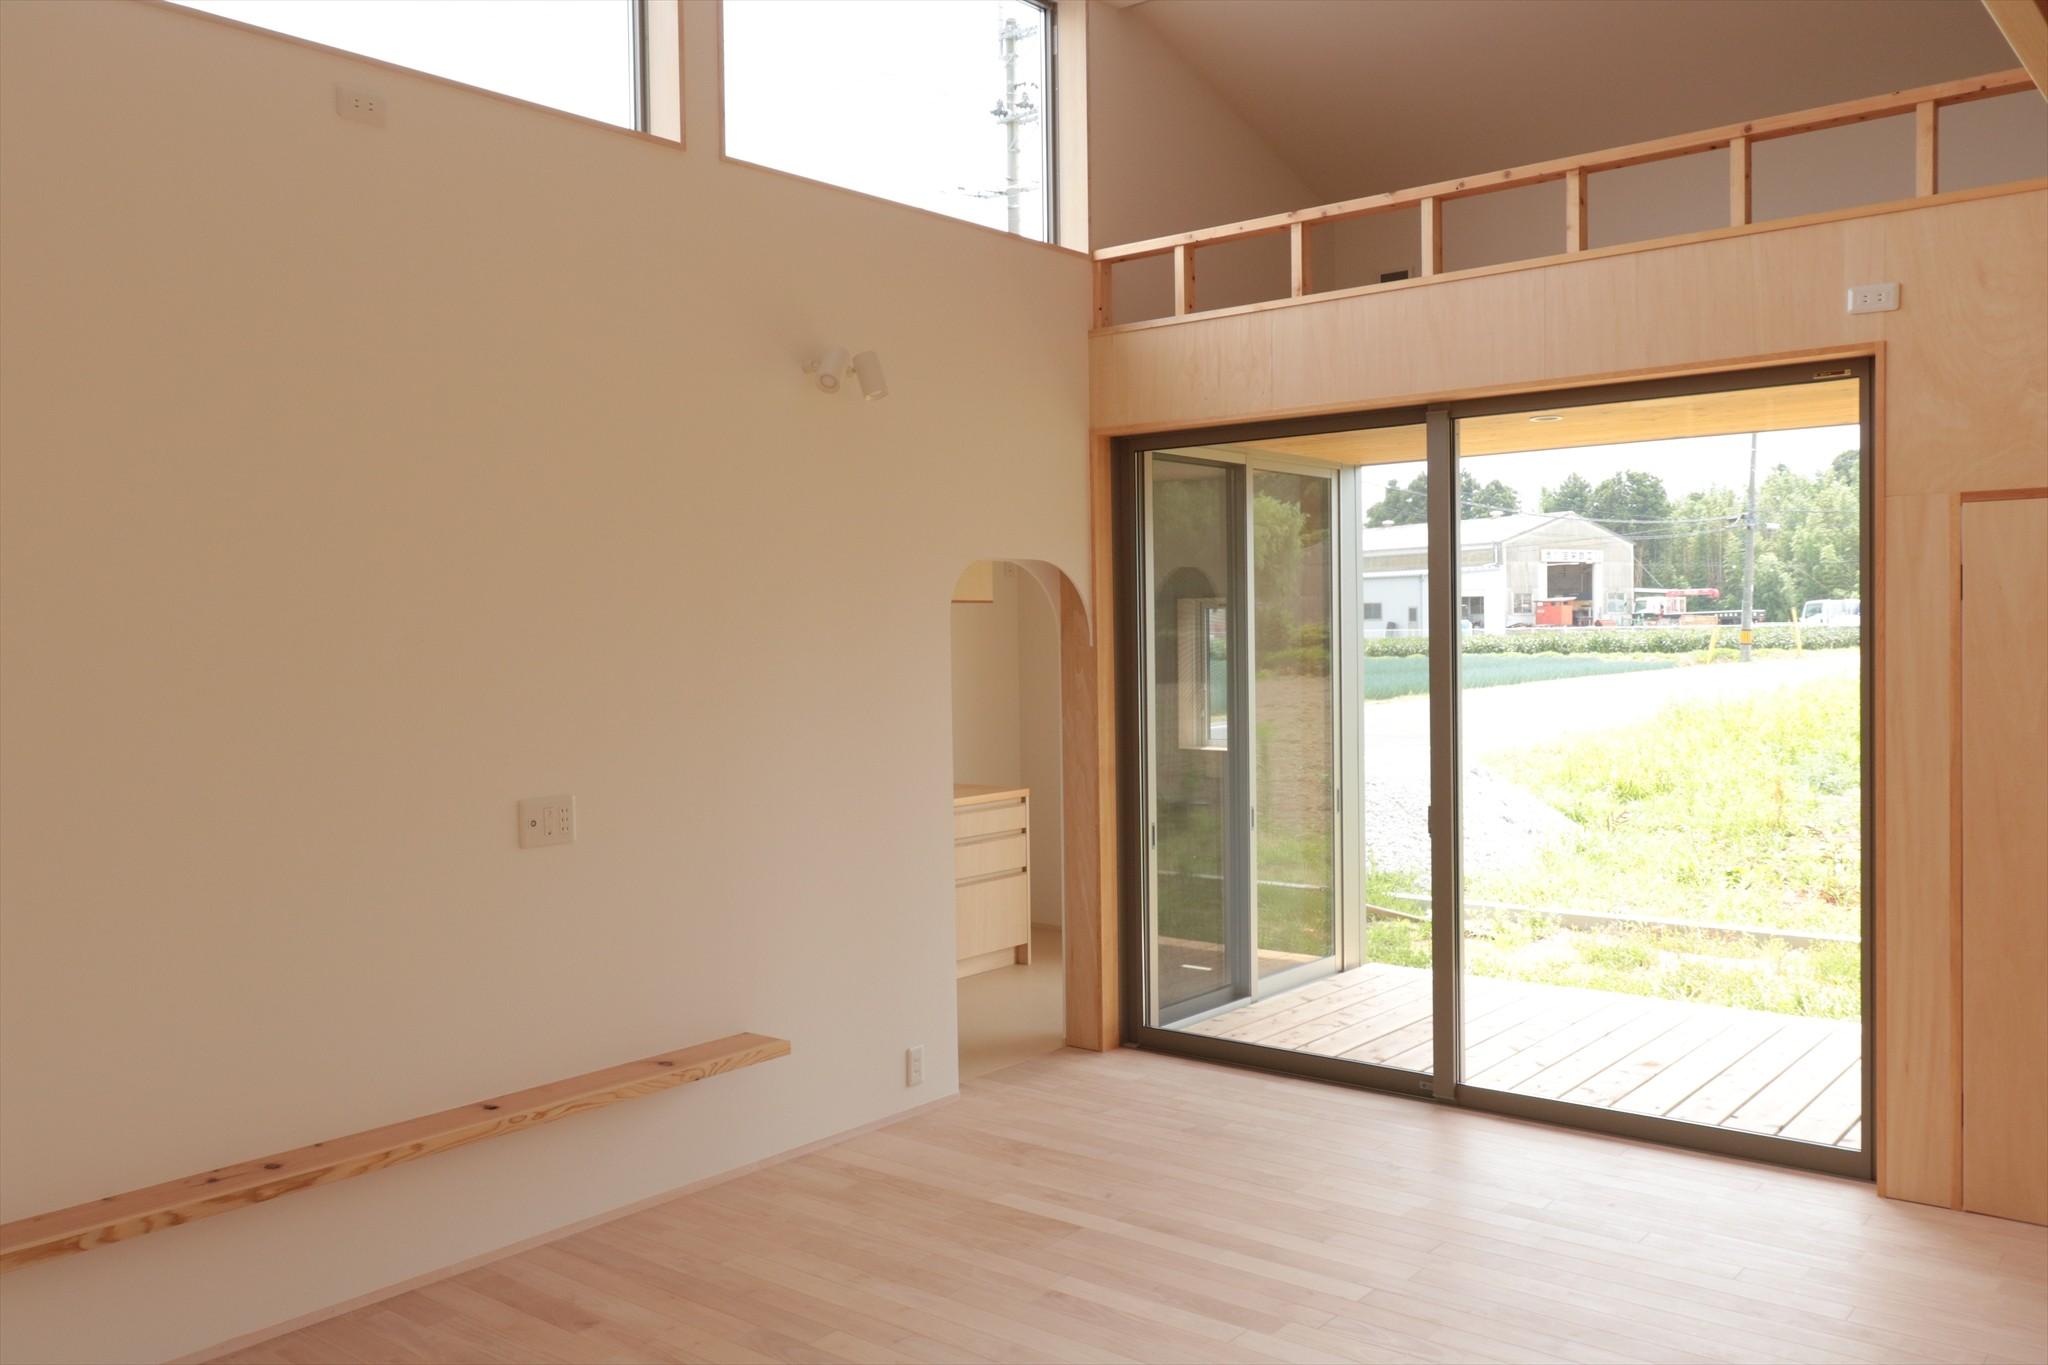 リビングダイニング事例:休耕地の家|ロフトタイプの広間2(休耕地に建つ女性のための住宅)